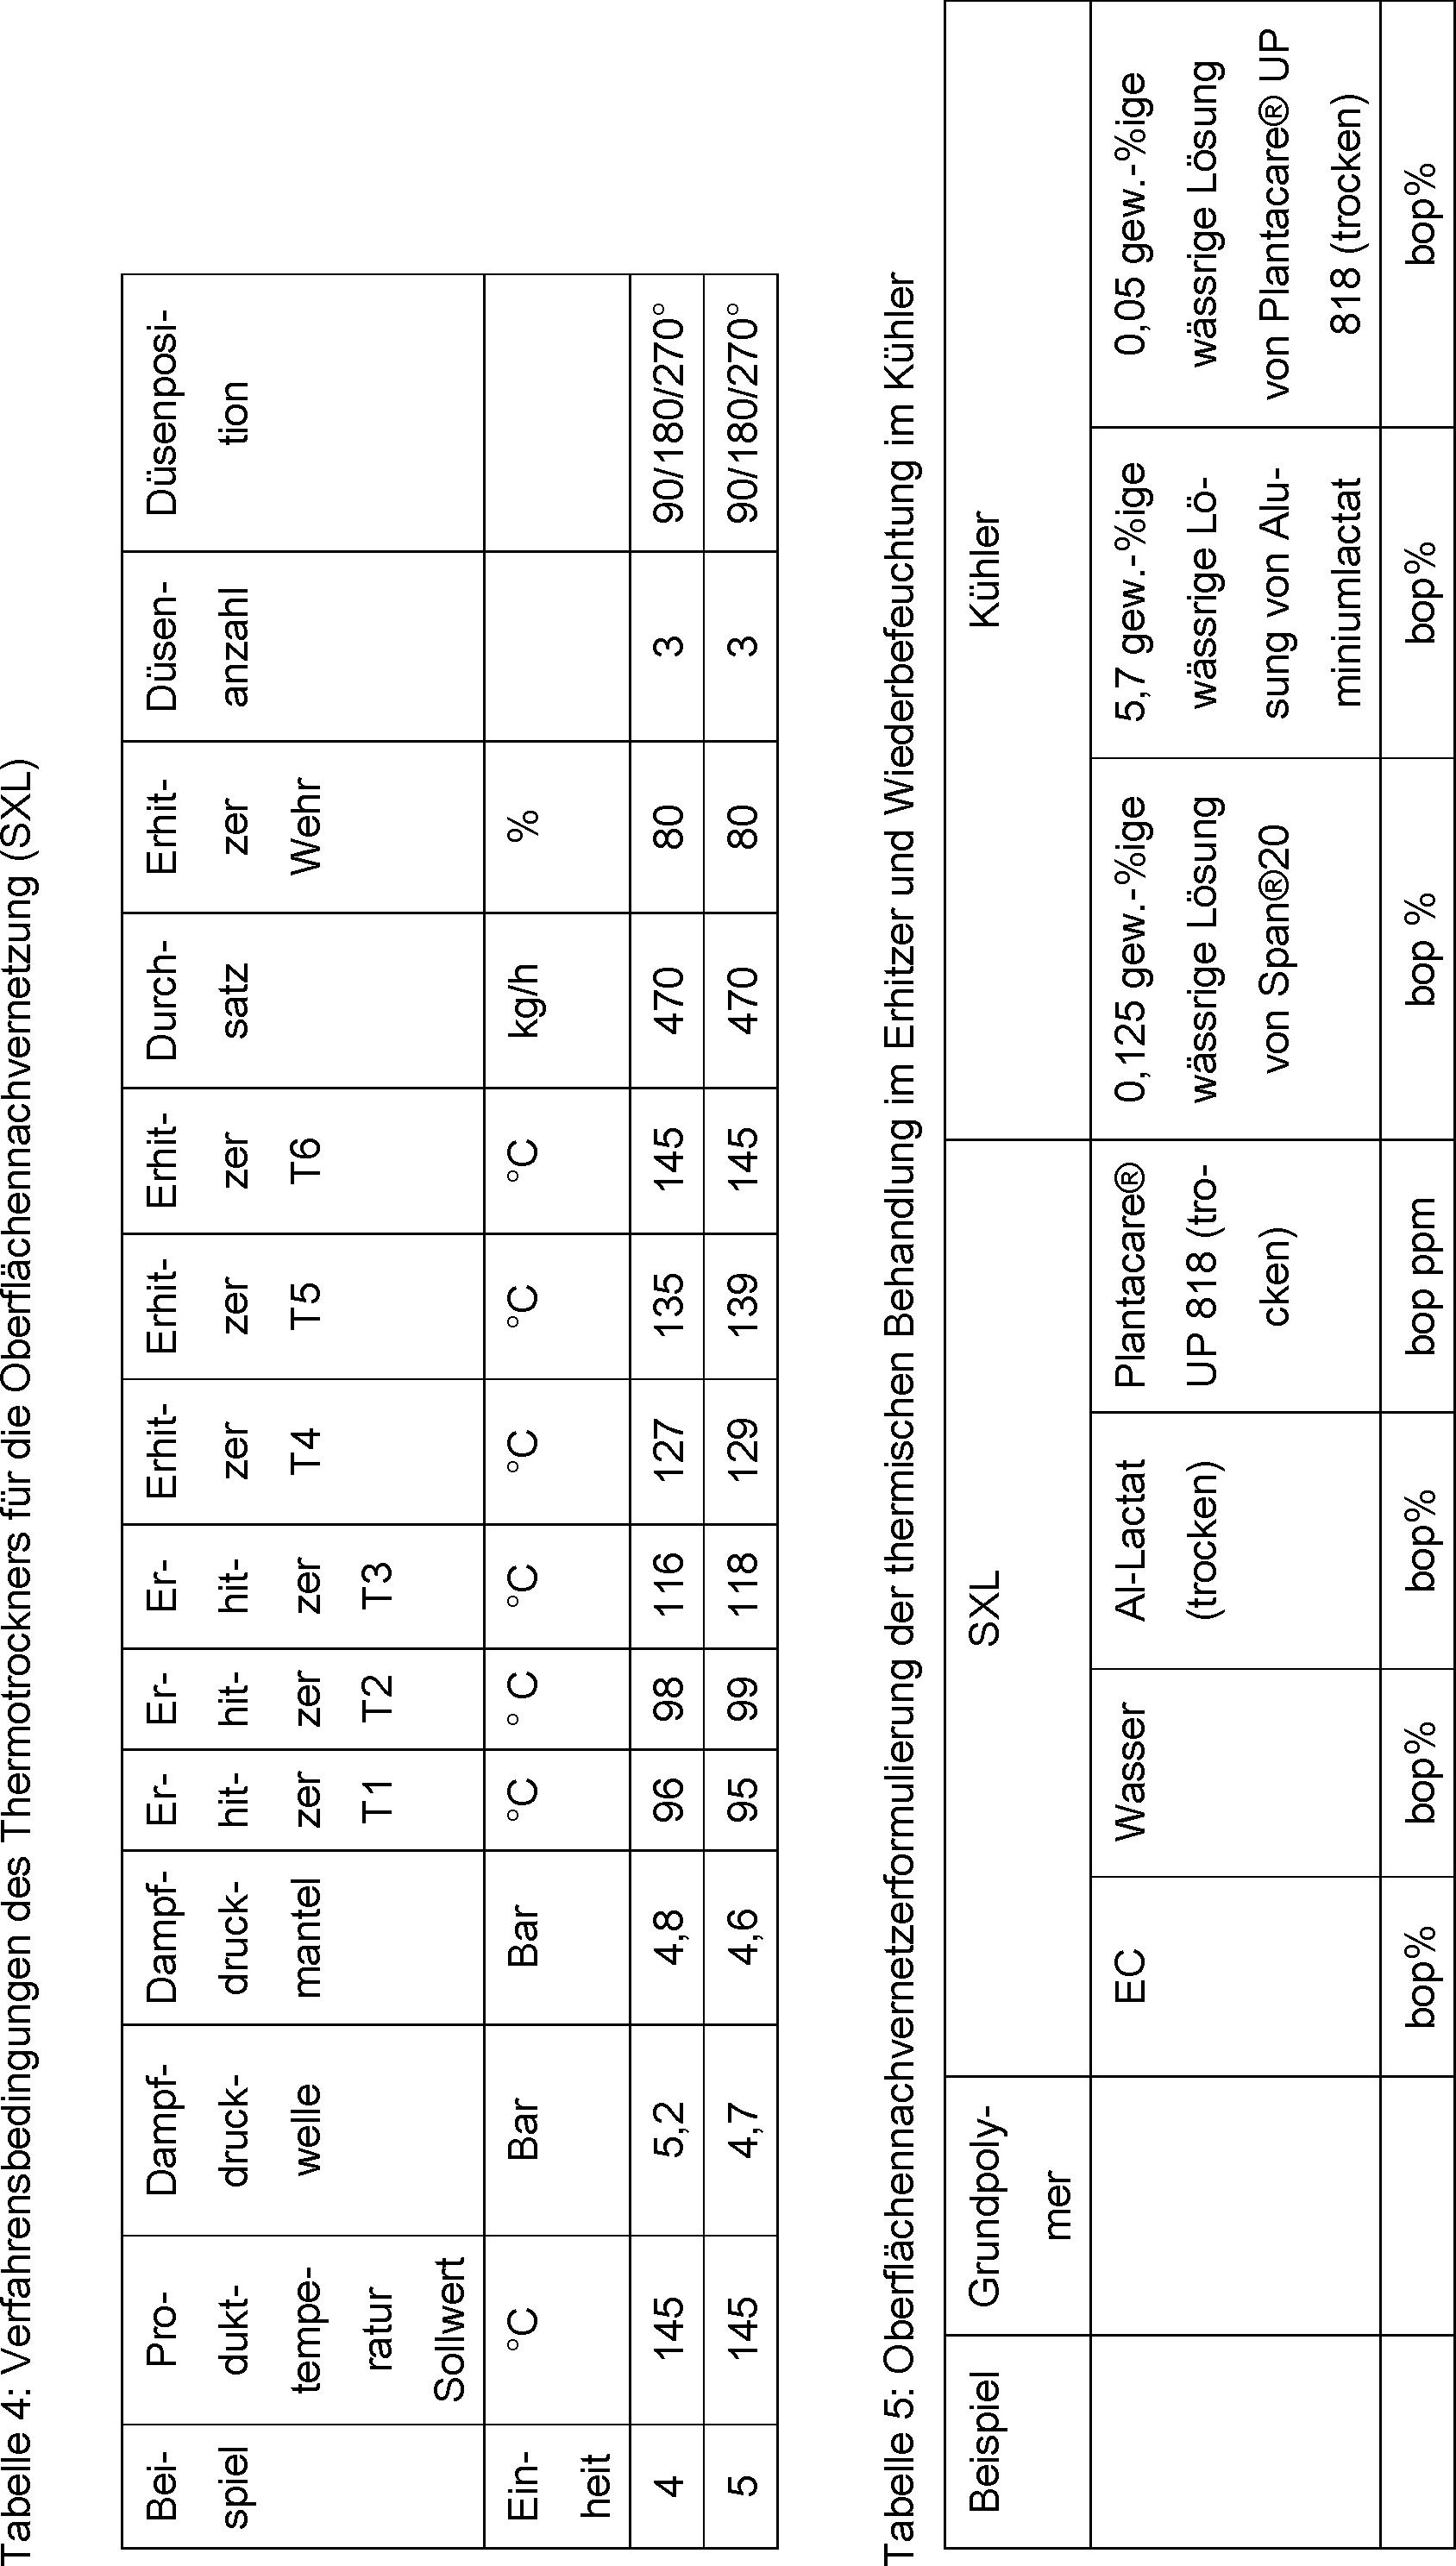 Figure DE102017205367A1_0005